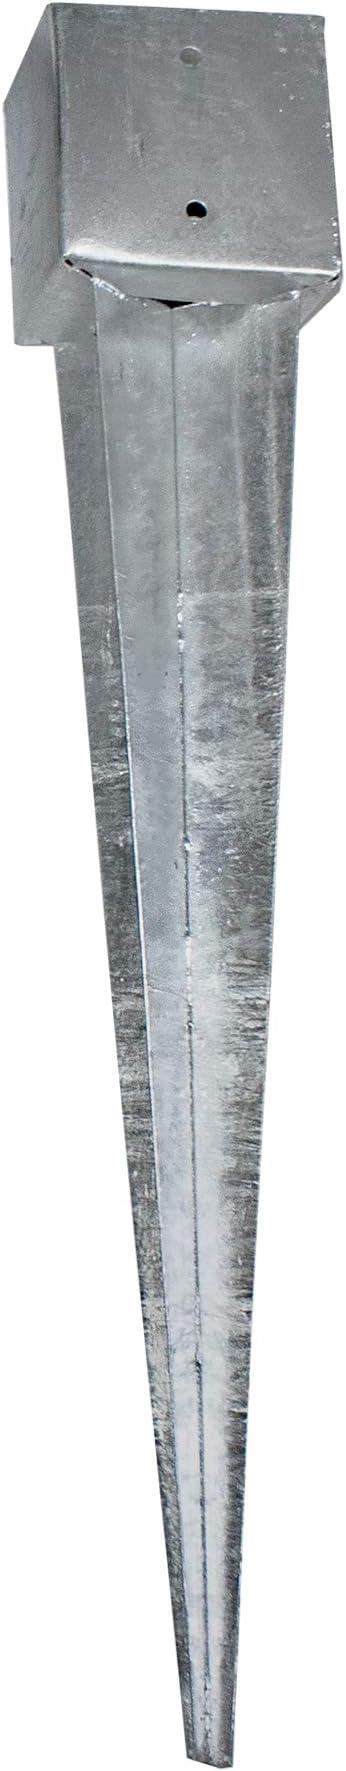 Einschlagbodenh/ülse L/änge: 750mm oder 900mm Einschlagh/ülse Vierkant Erdanker 750x71x71 mm Bodenanker Einschlagh/ülse